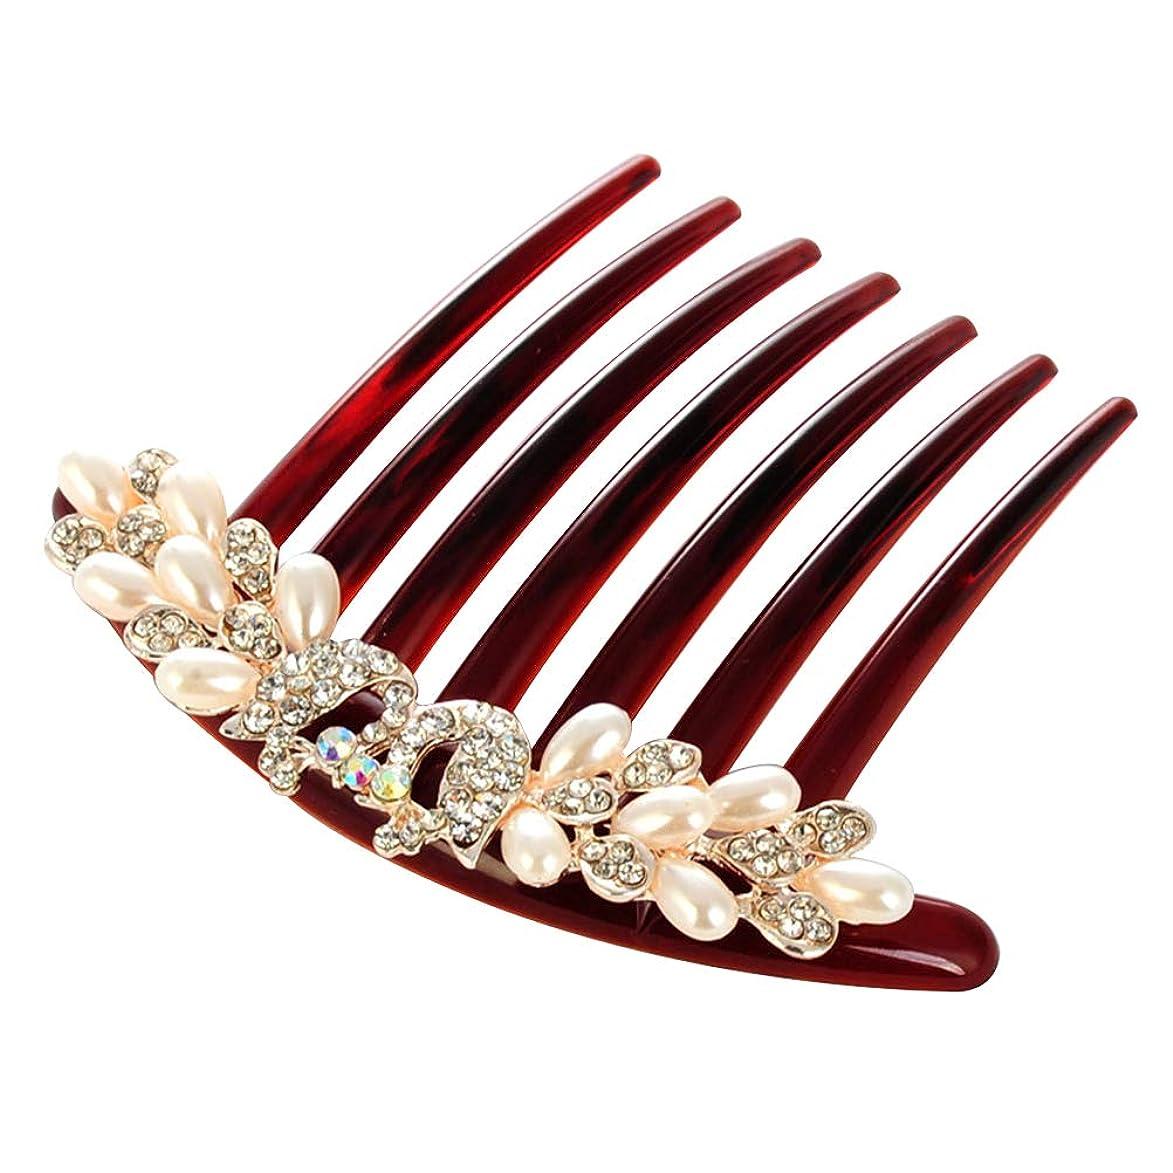 速報ラダ項目LURROSE 模造真珠の髪の櫛のクリスタルヘッドドレス繊細なラインストーンの花嫁の髪飾り(孔雀)